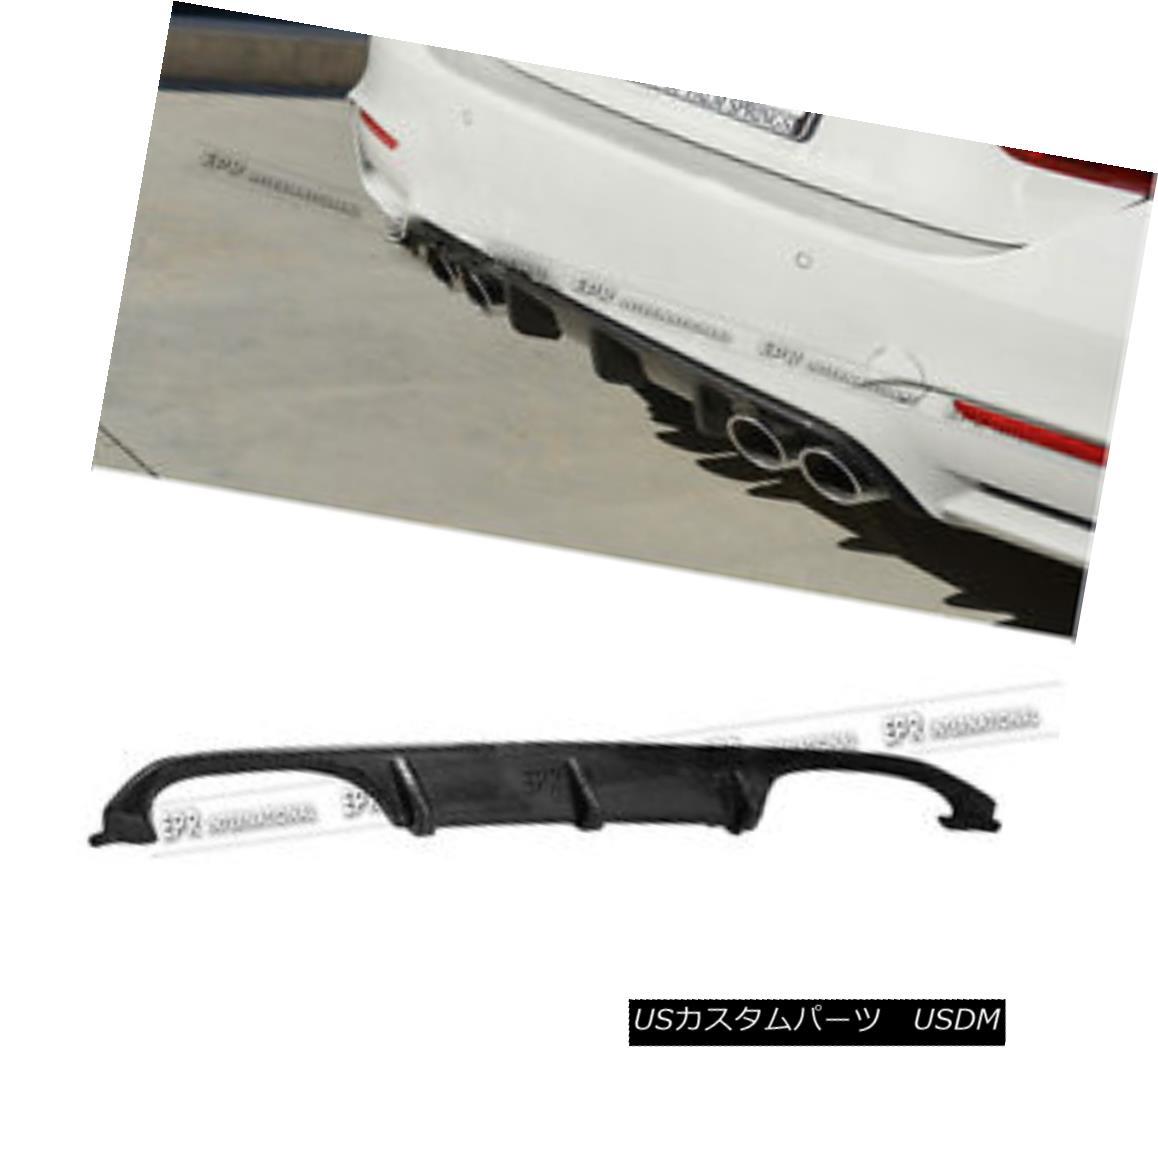 エアロパーツ ABC Rear Bumper Bottom Diffuser Lip Panel For BMW M4 ORI Styling Carbon Fiber BMW M4用ABCリアバンパーボトムディフューザーリップパネルORIスタイリングカーボンファイバー